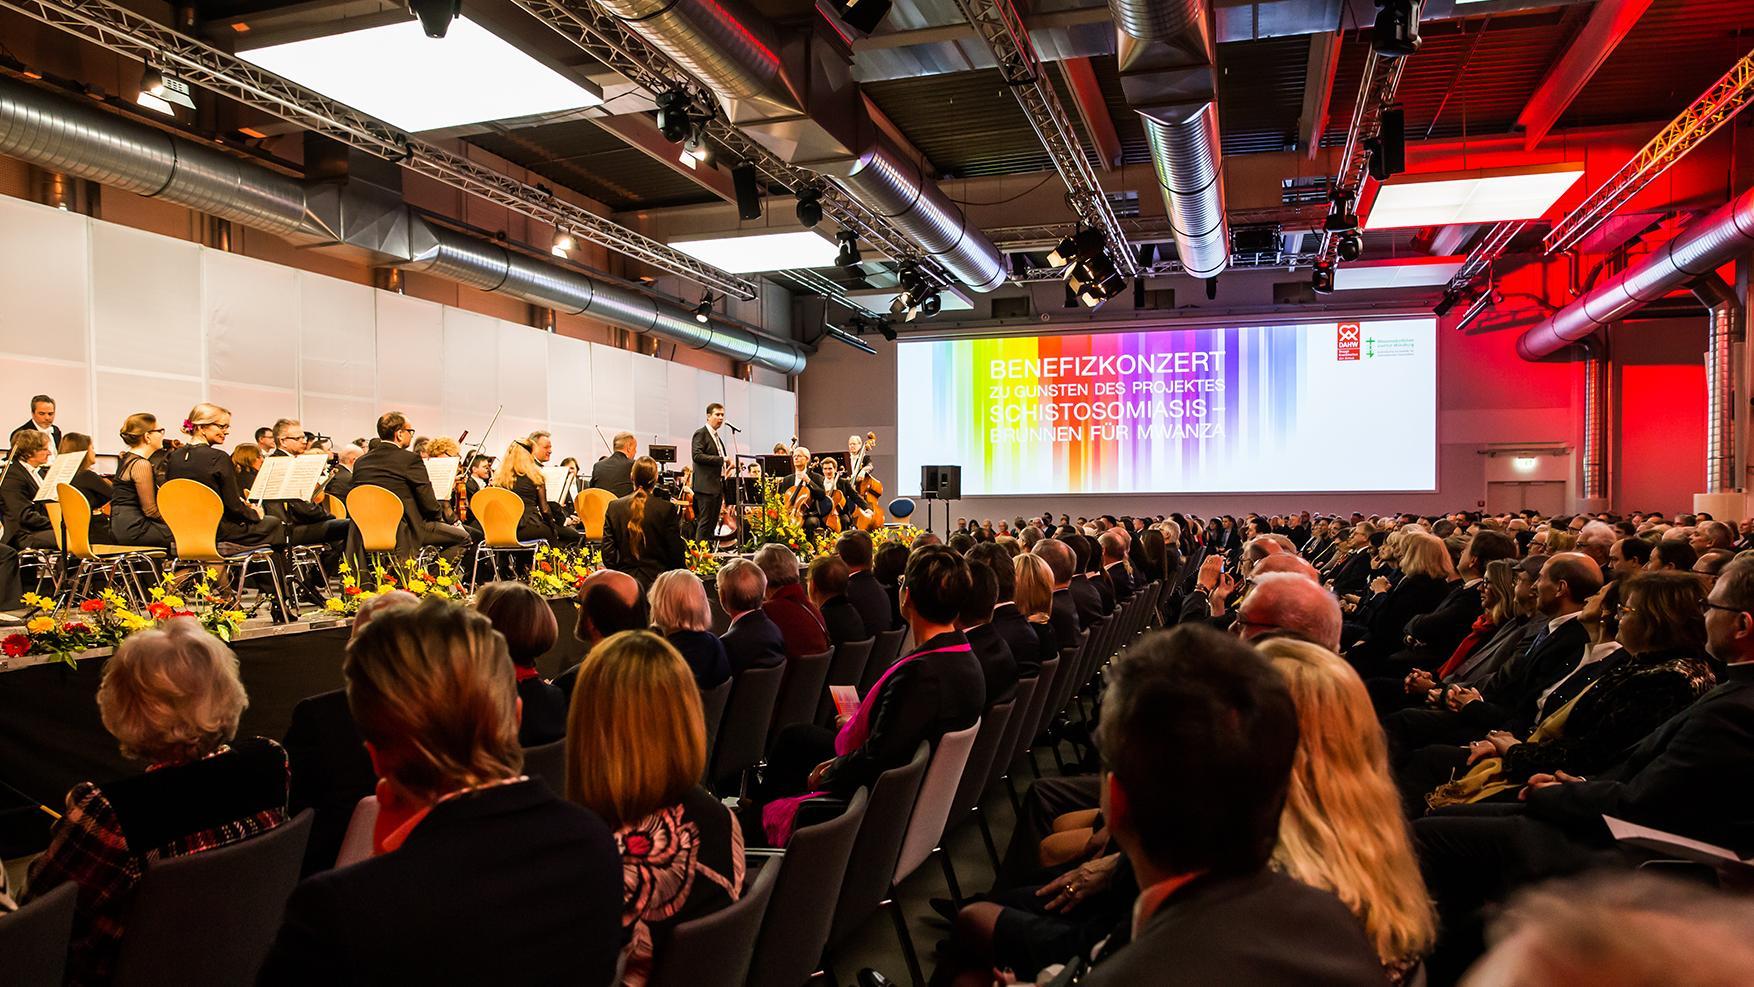 Benefizkonzert zum 50. Geburtstag des Würzburger OB